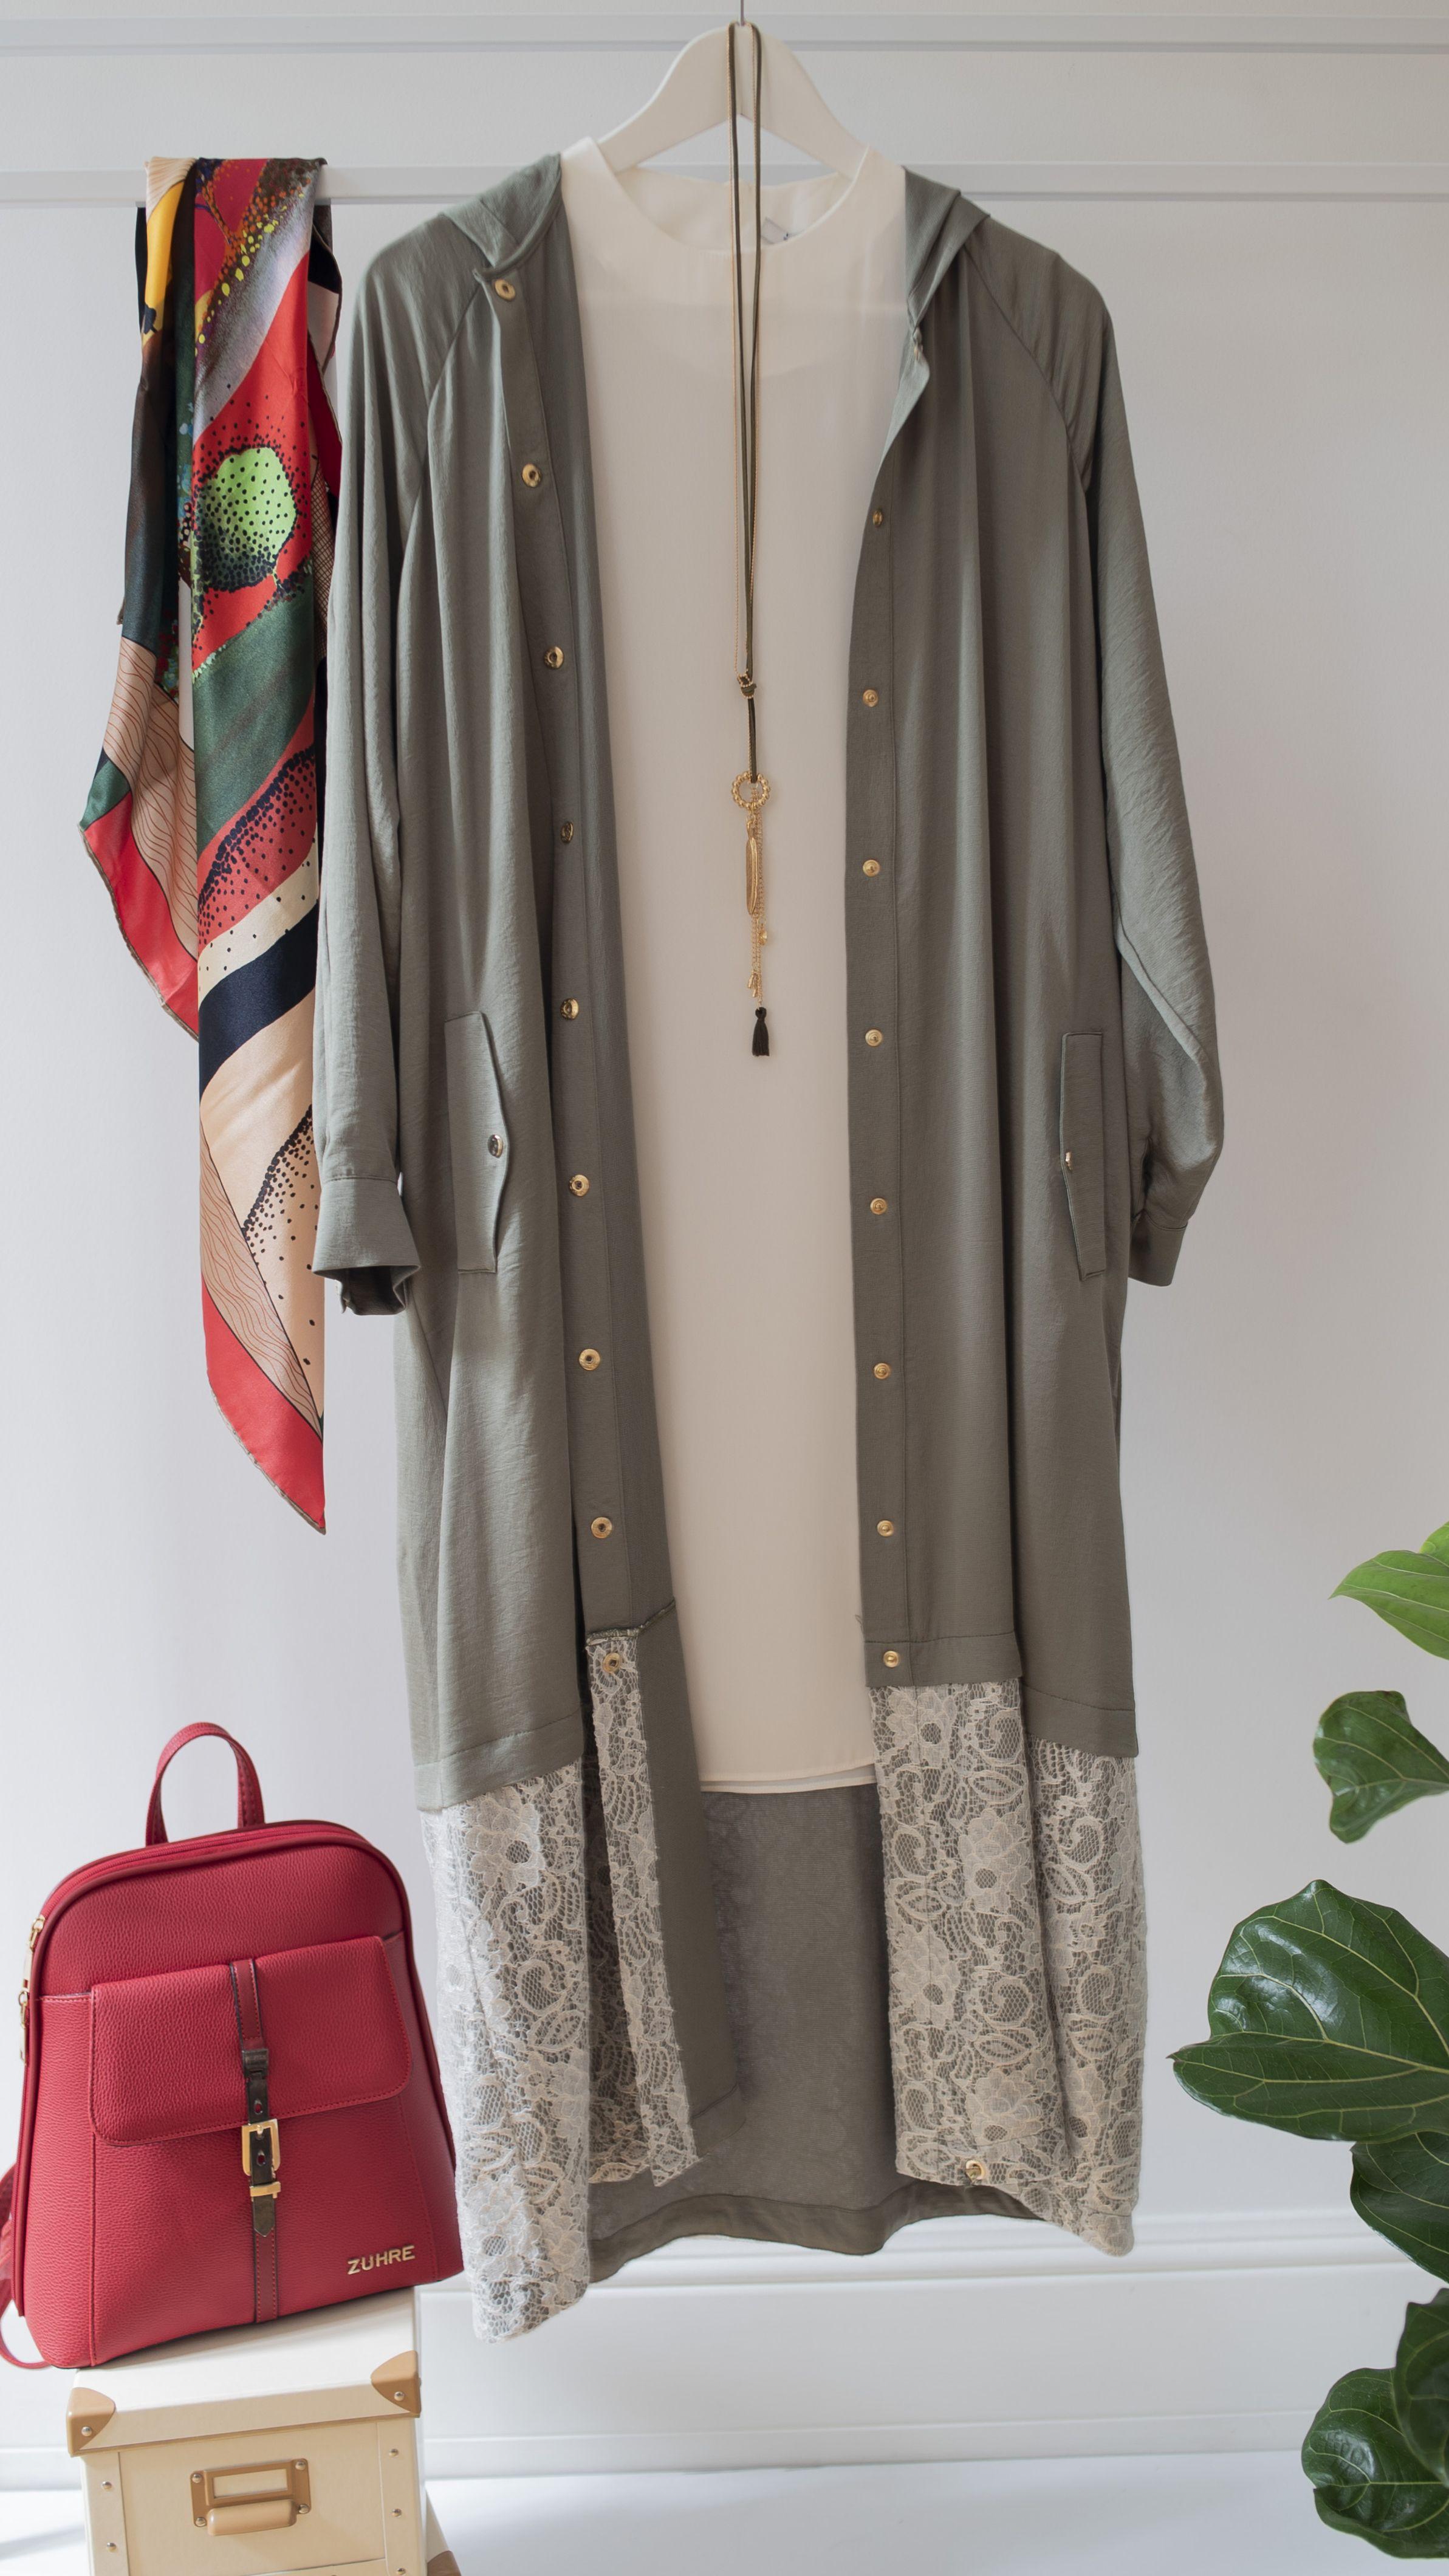 Modest New Fashion Spring Zuhre Urunler Manto